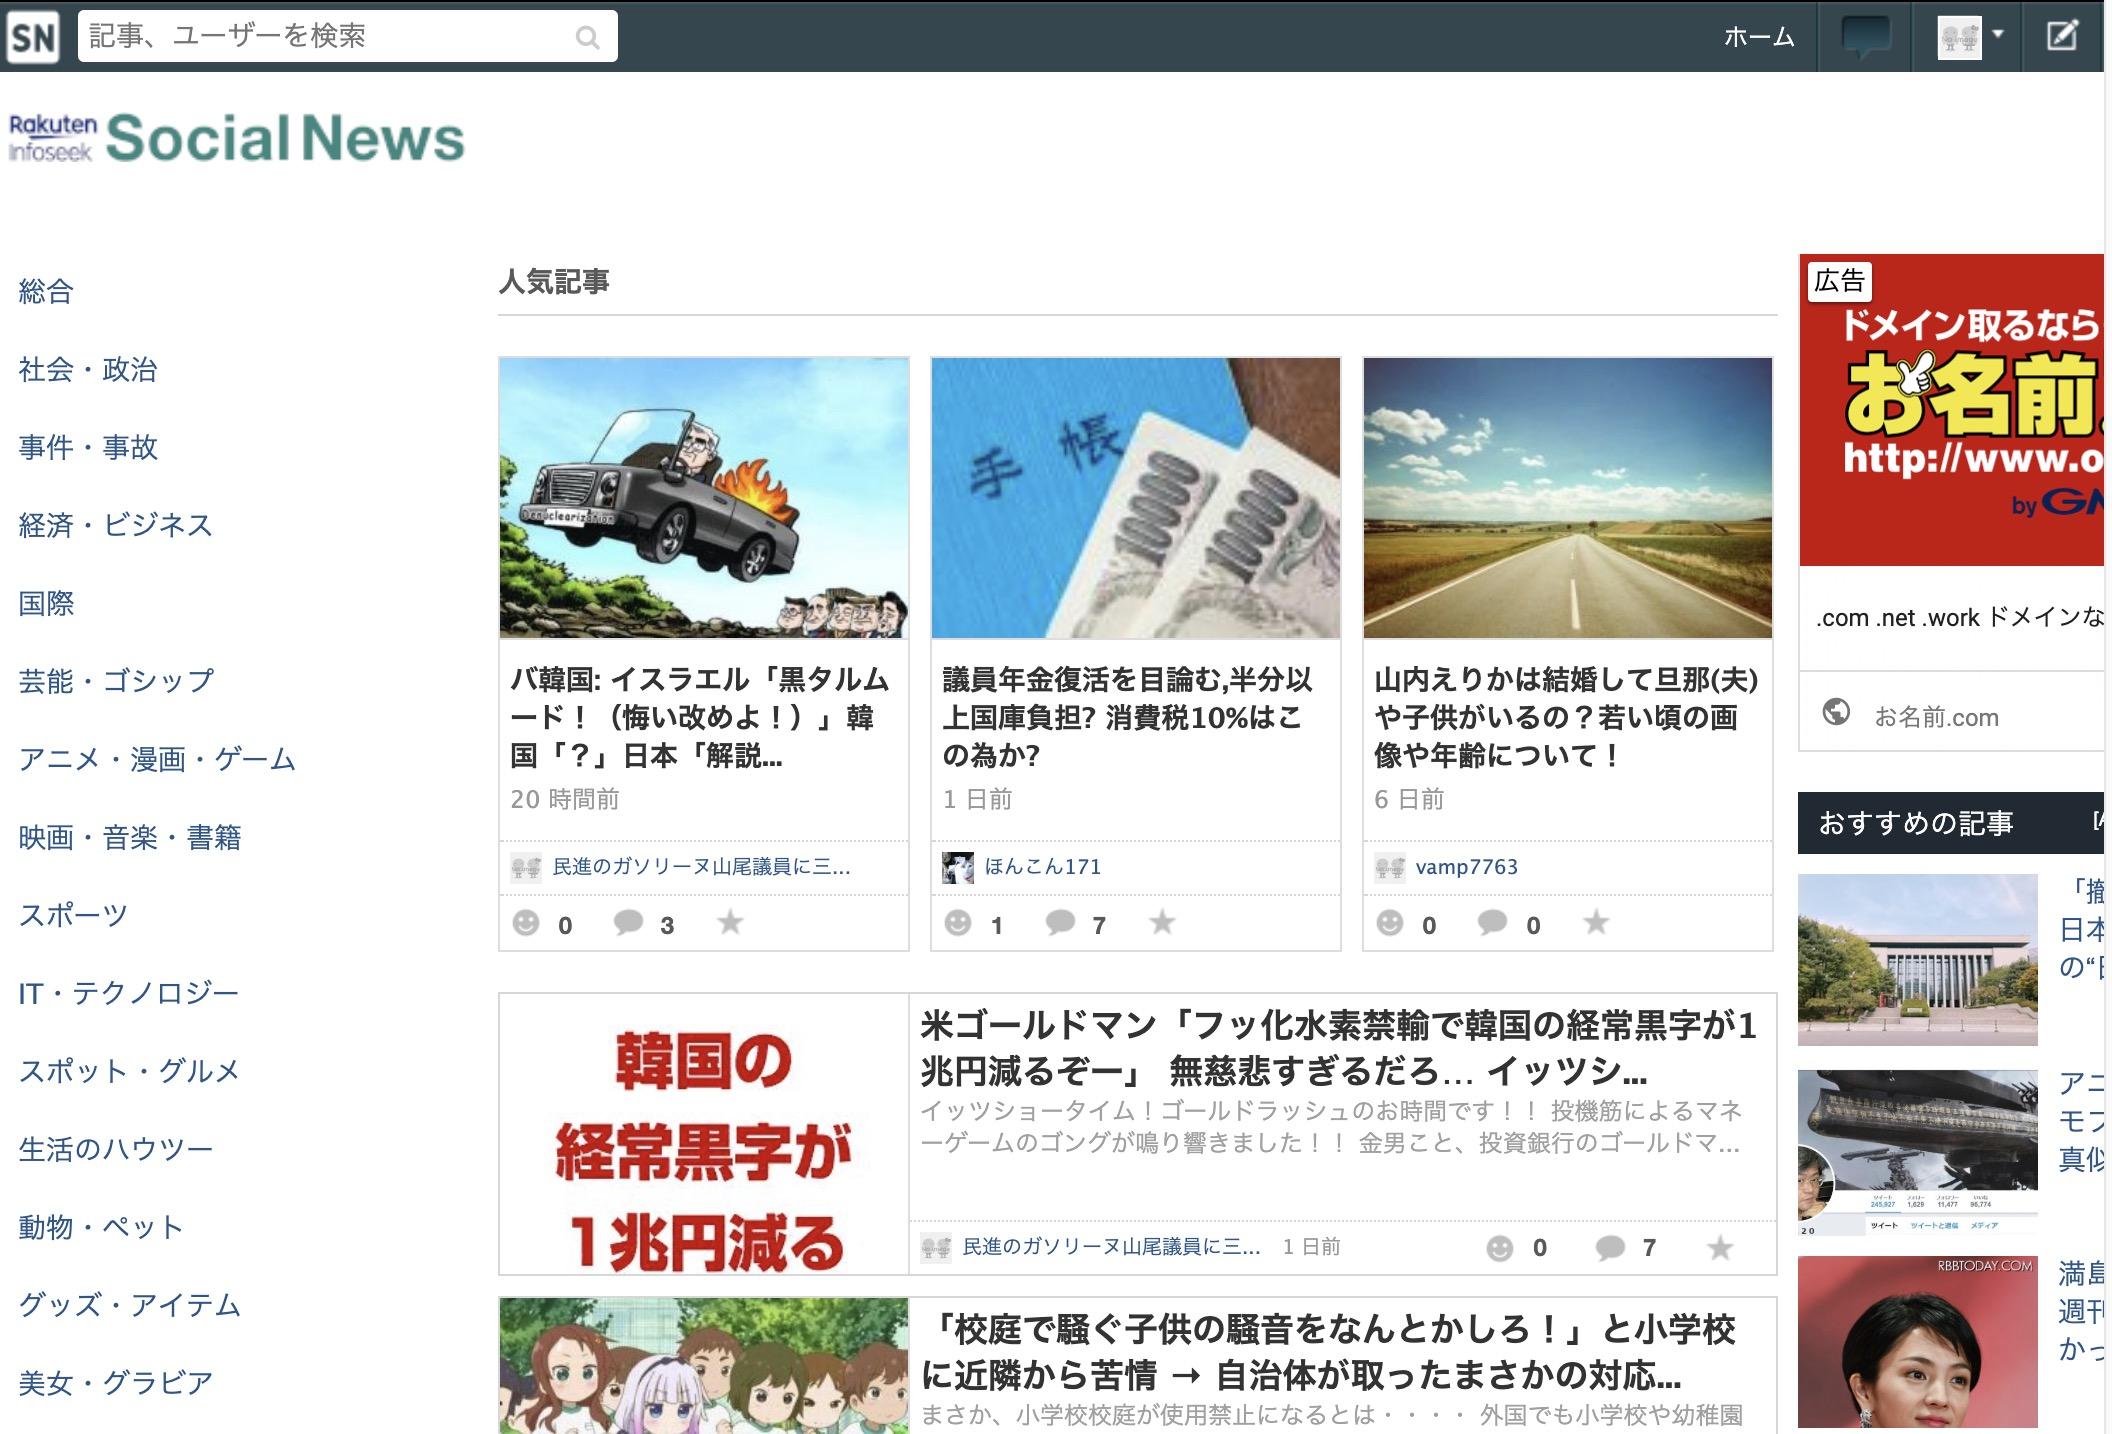 楽天Socialnewsのトップページ